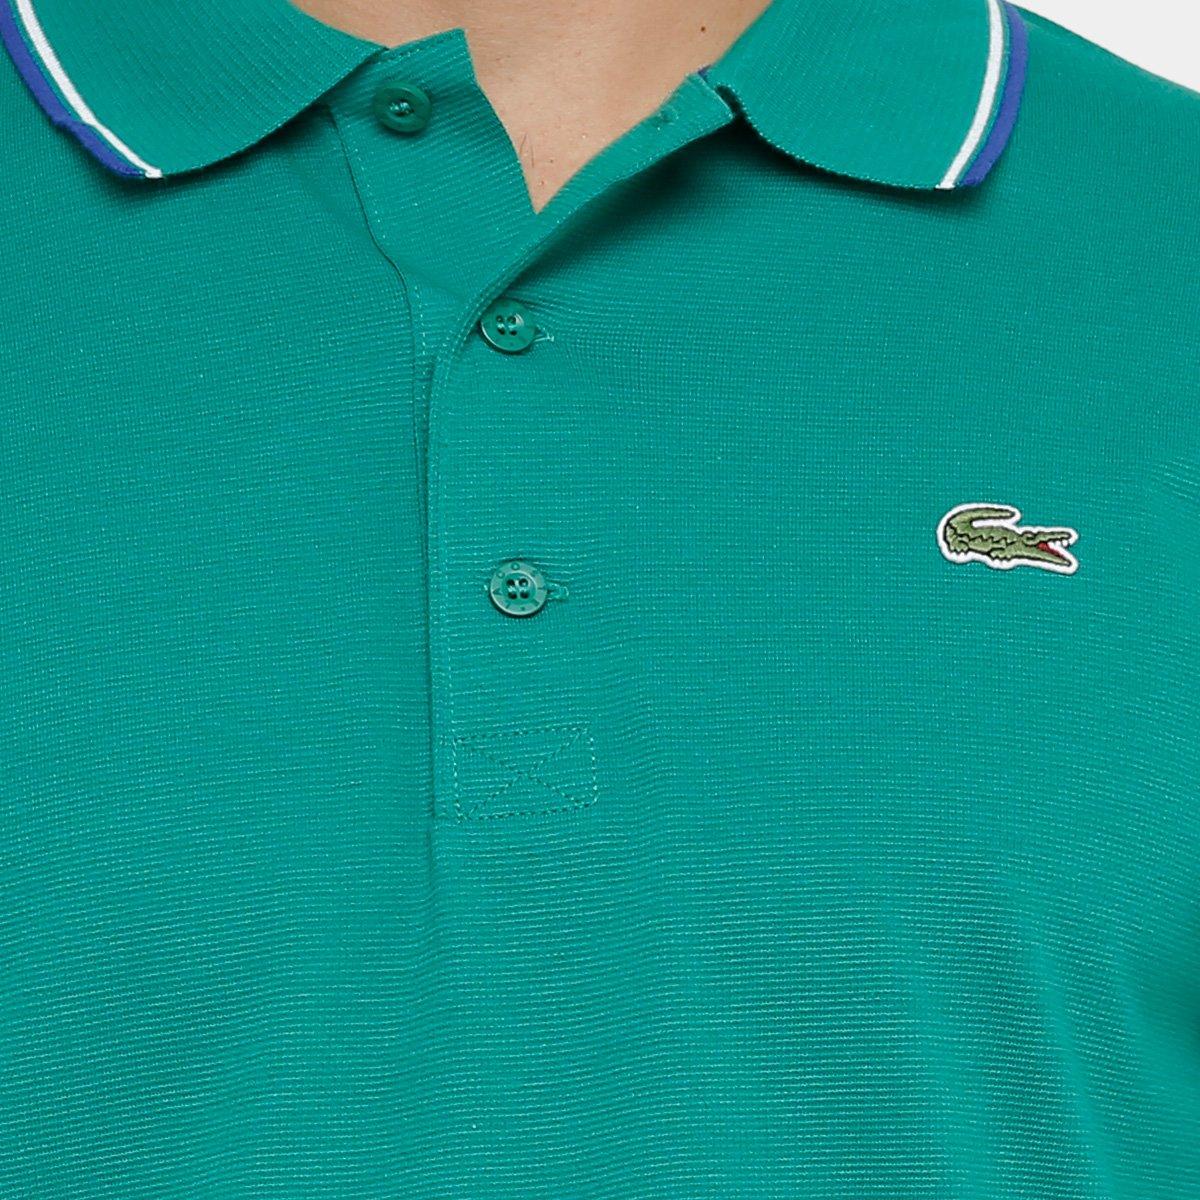 Camisa Polo Lacoste Bordada Masculina - Compre Agora  fdf6dce7e7cb9